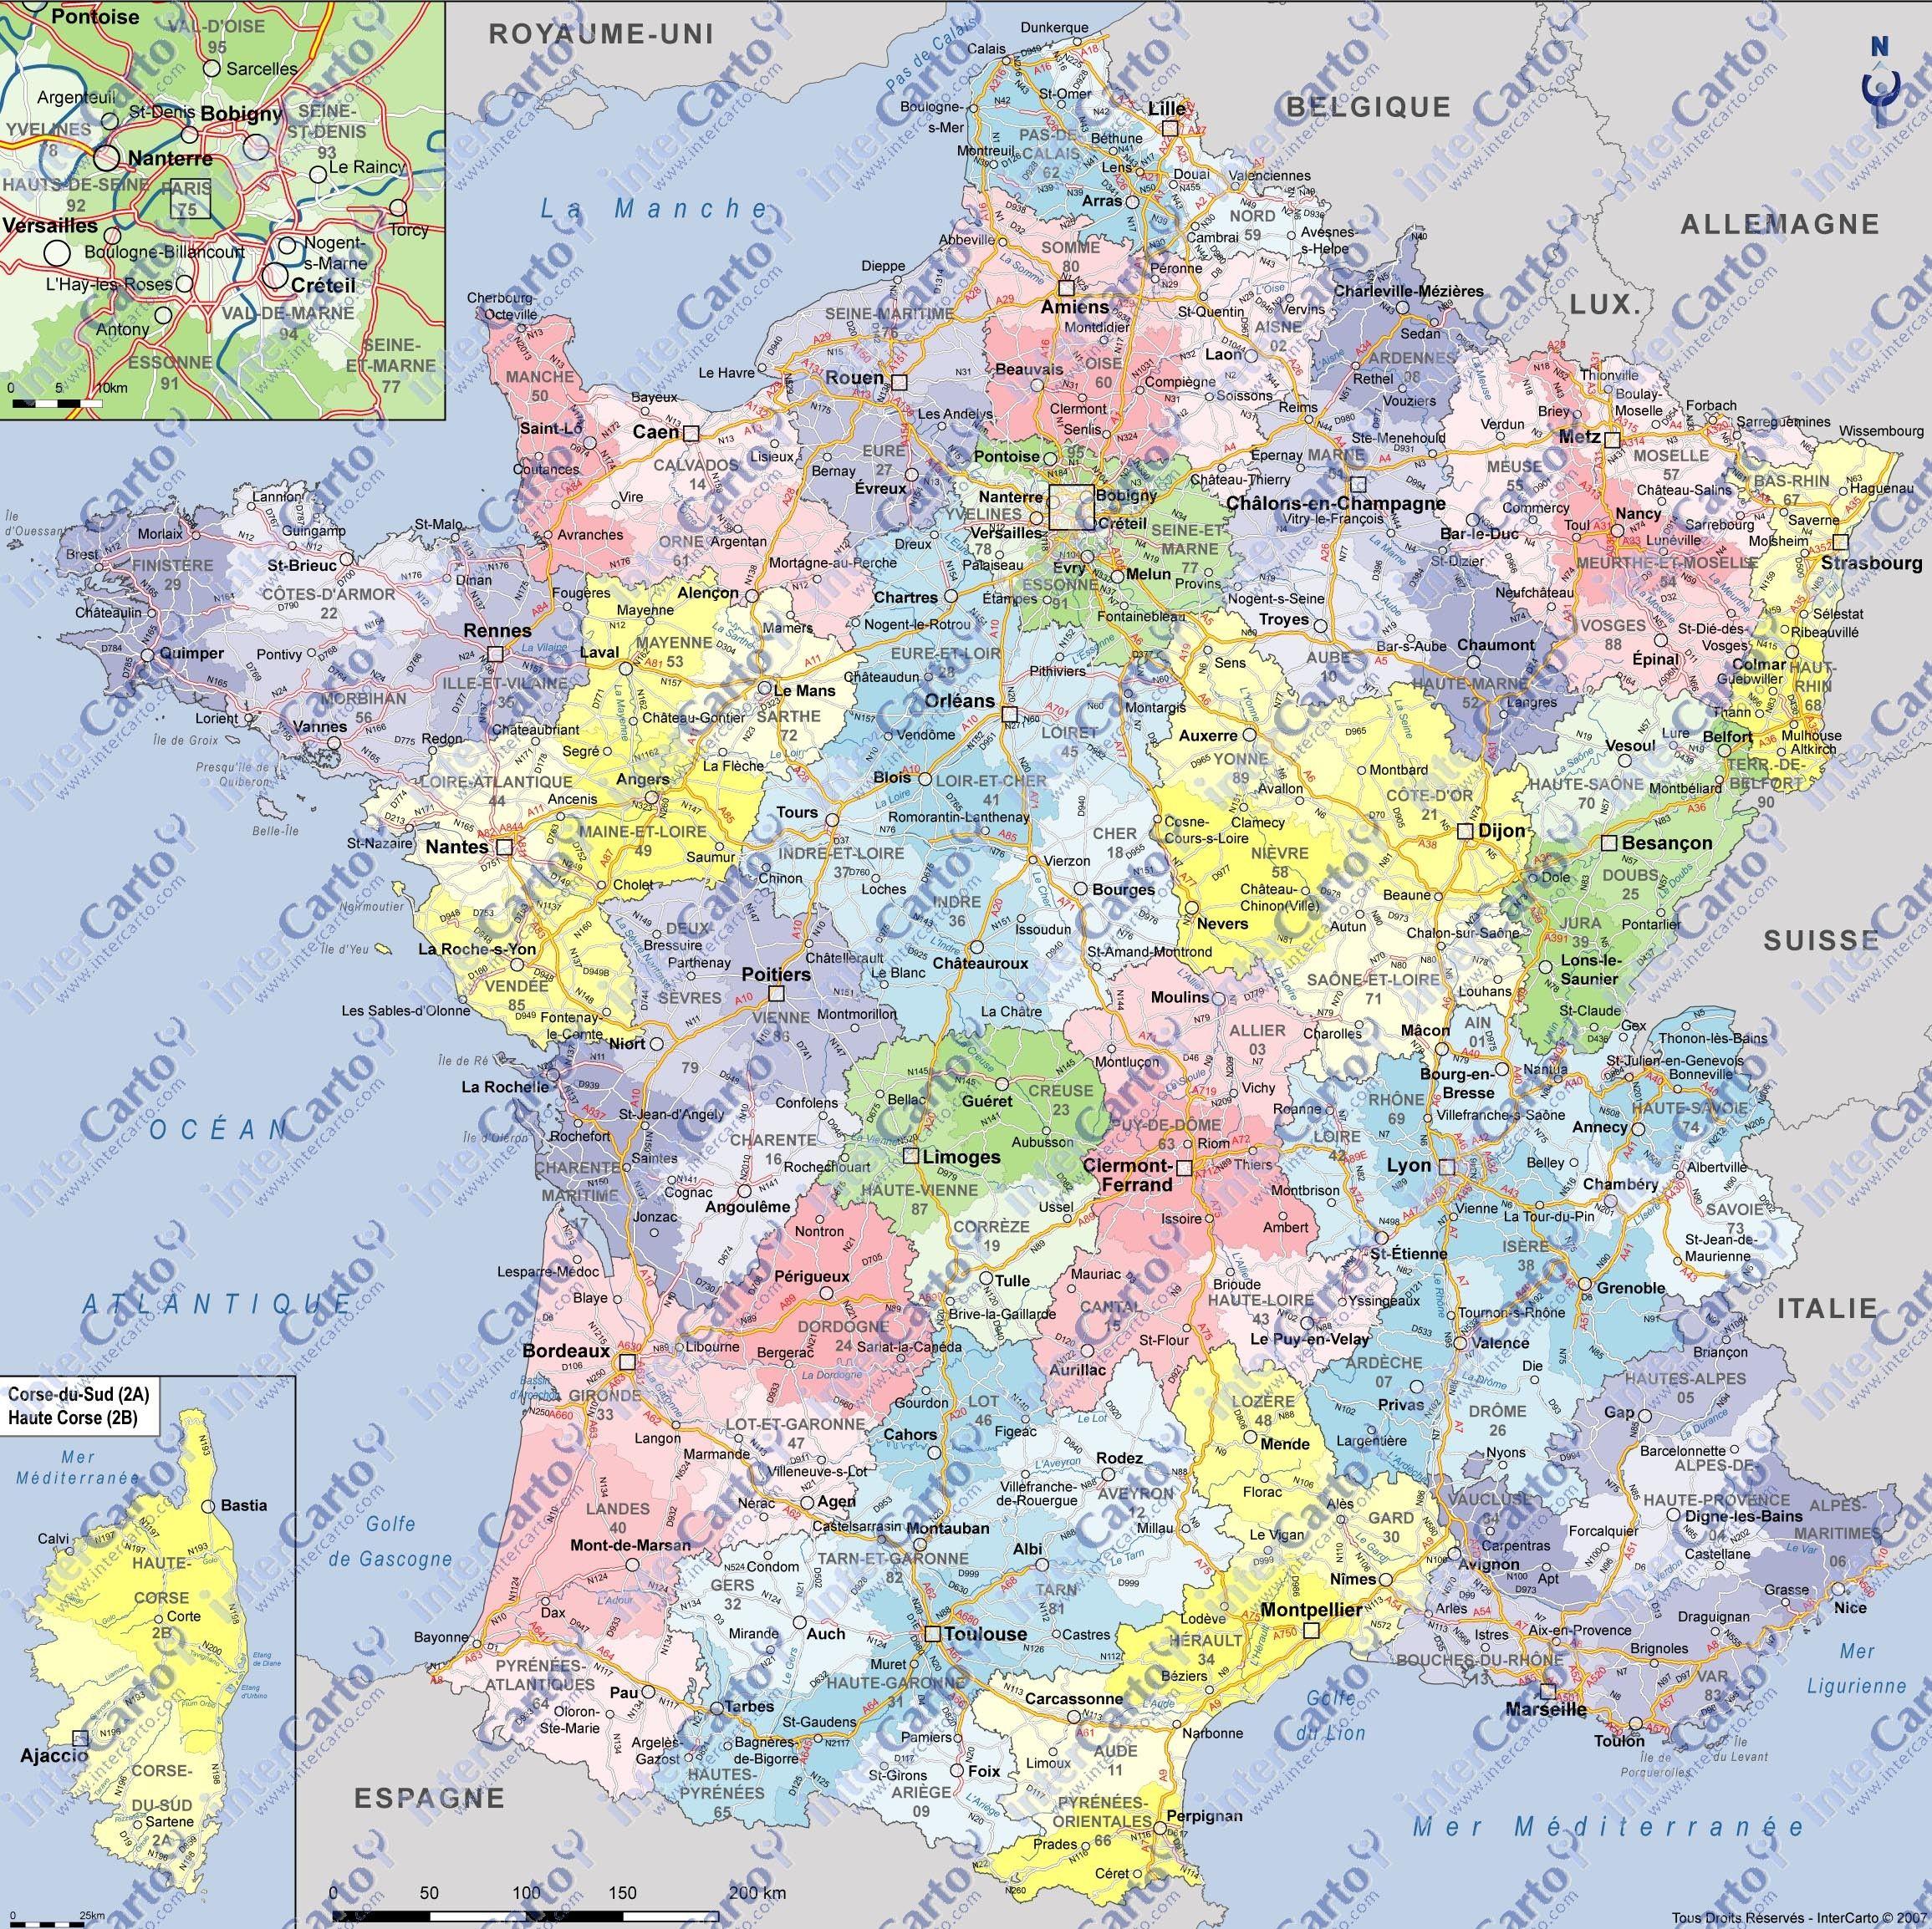 Carte De France Départements Villes Et Régions | Carte De concernant Carte De France Par Régions Et Départements